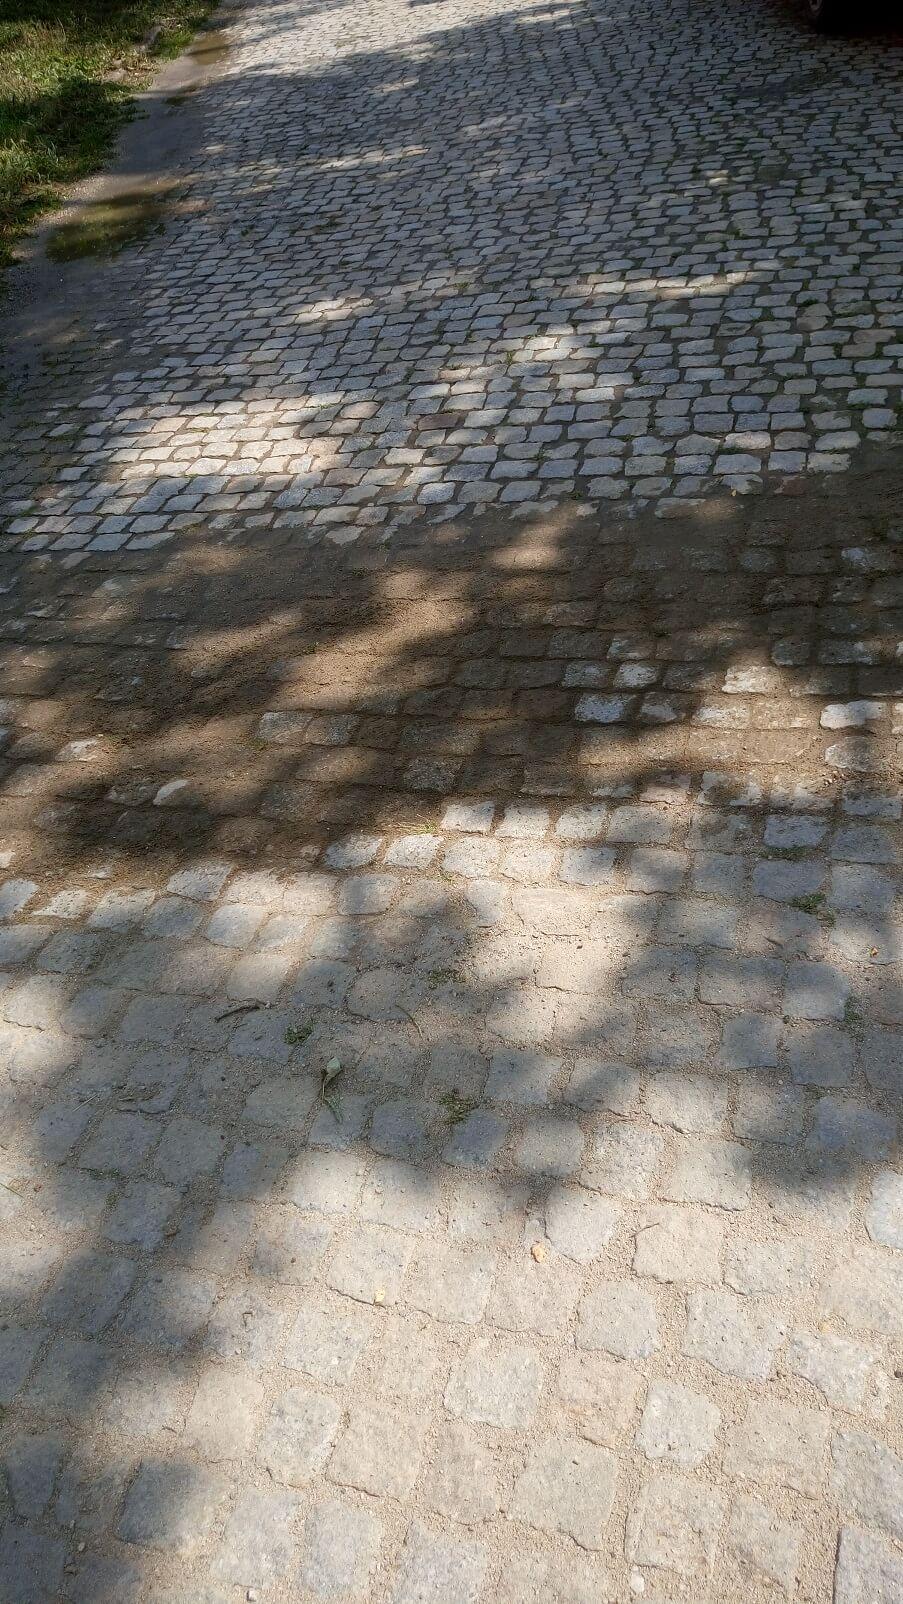 Mycie kostki brukowej - Lewkorp Legnica